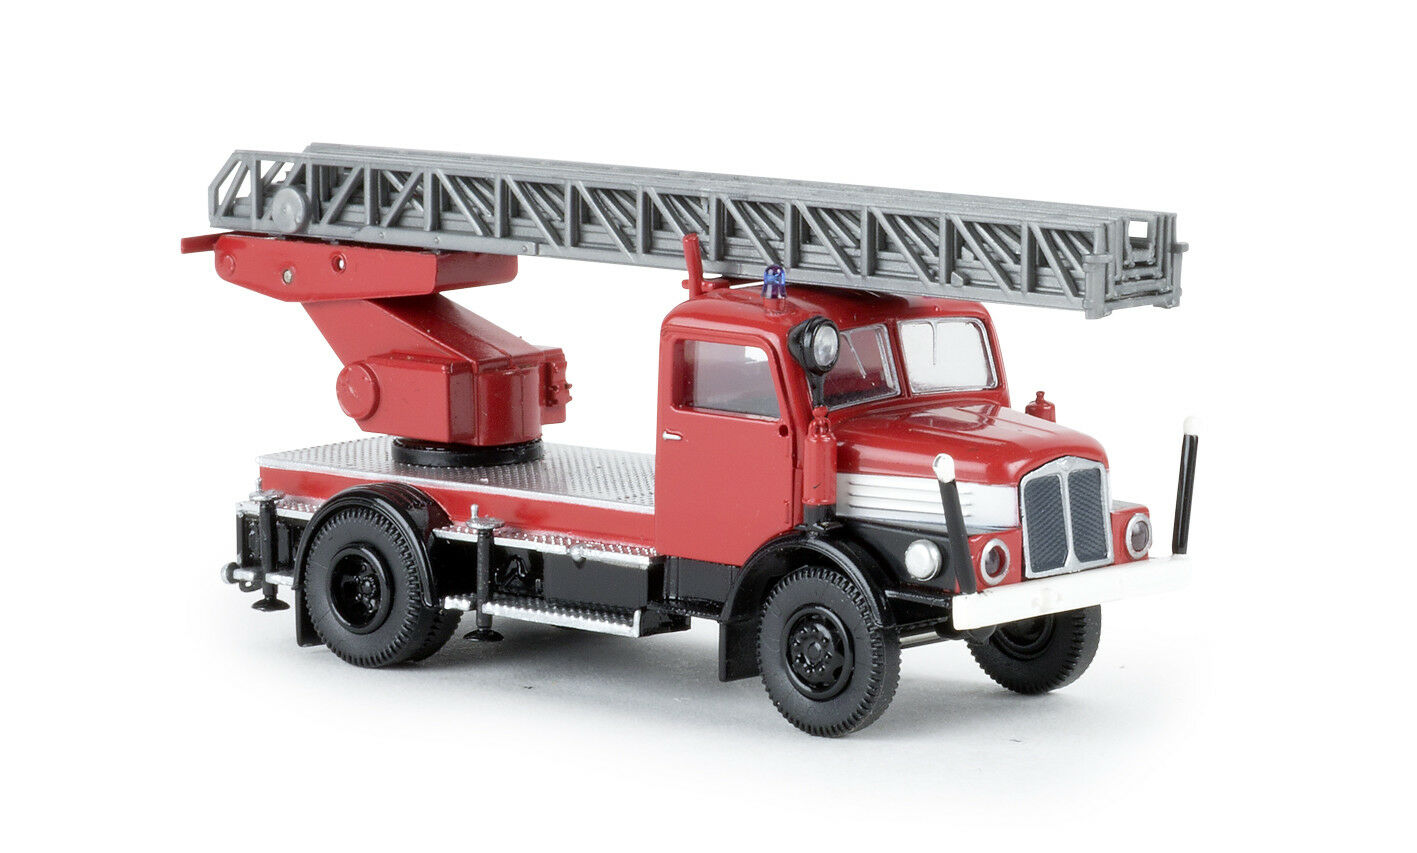 IFA s4000-1 DL 25 Rouge Noir Blanc, h0 Voiture Modèle 1 87, Brekina 71727, TD